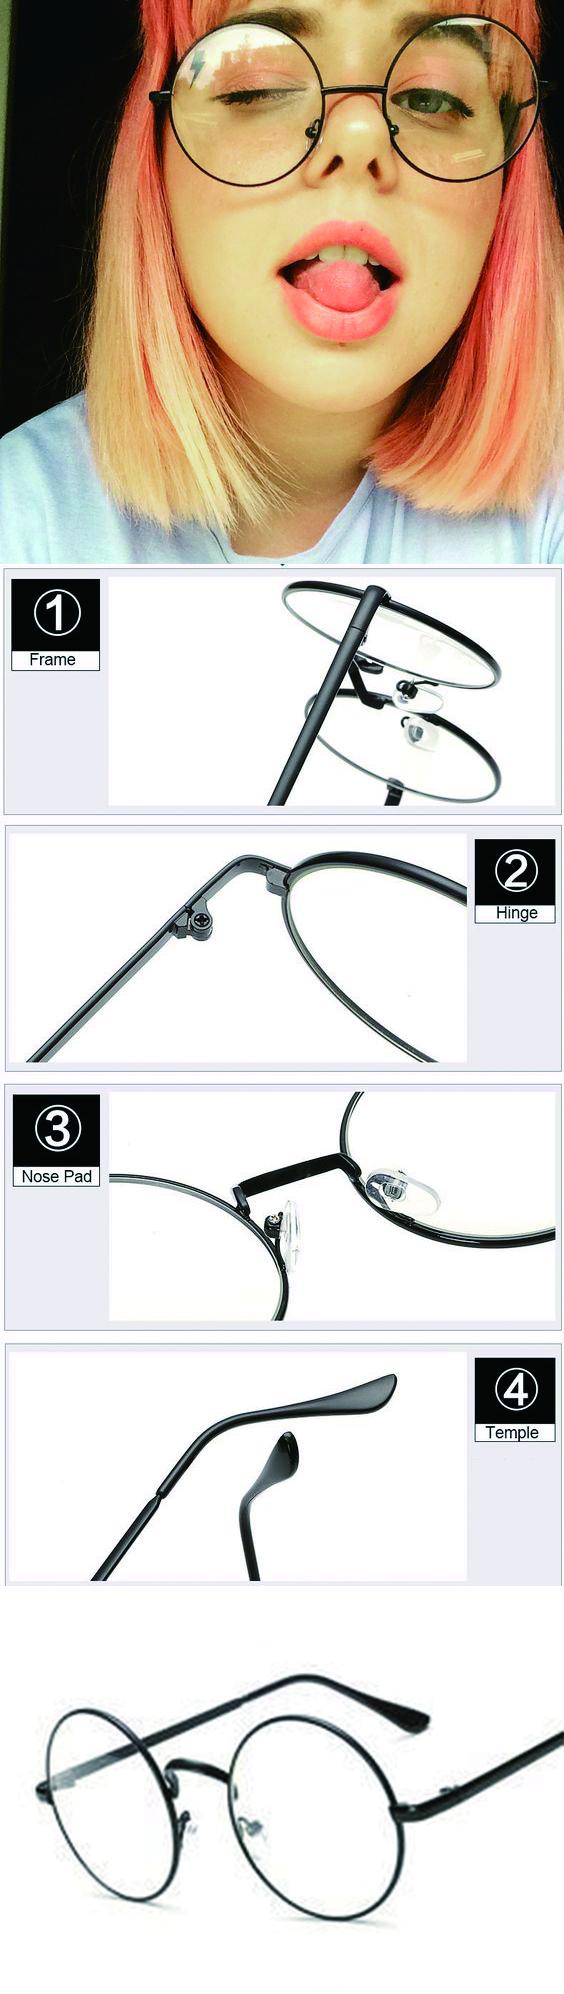 96f4b2ca6b Vintage Transparent Women Glasses Metal Full Frame Optical Round Lens  Glasses Female Clear Reading Plain-Glasses Oversized